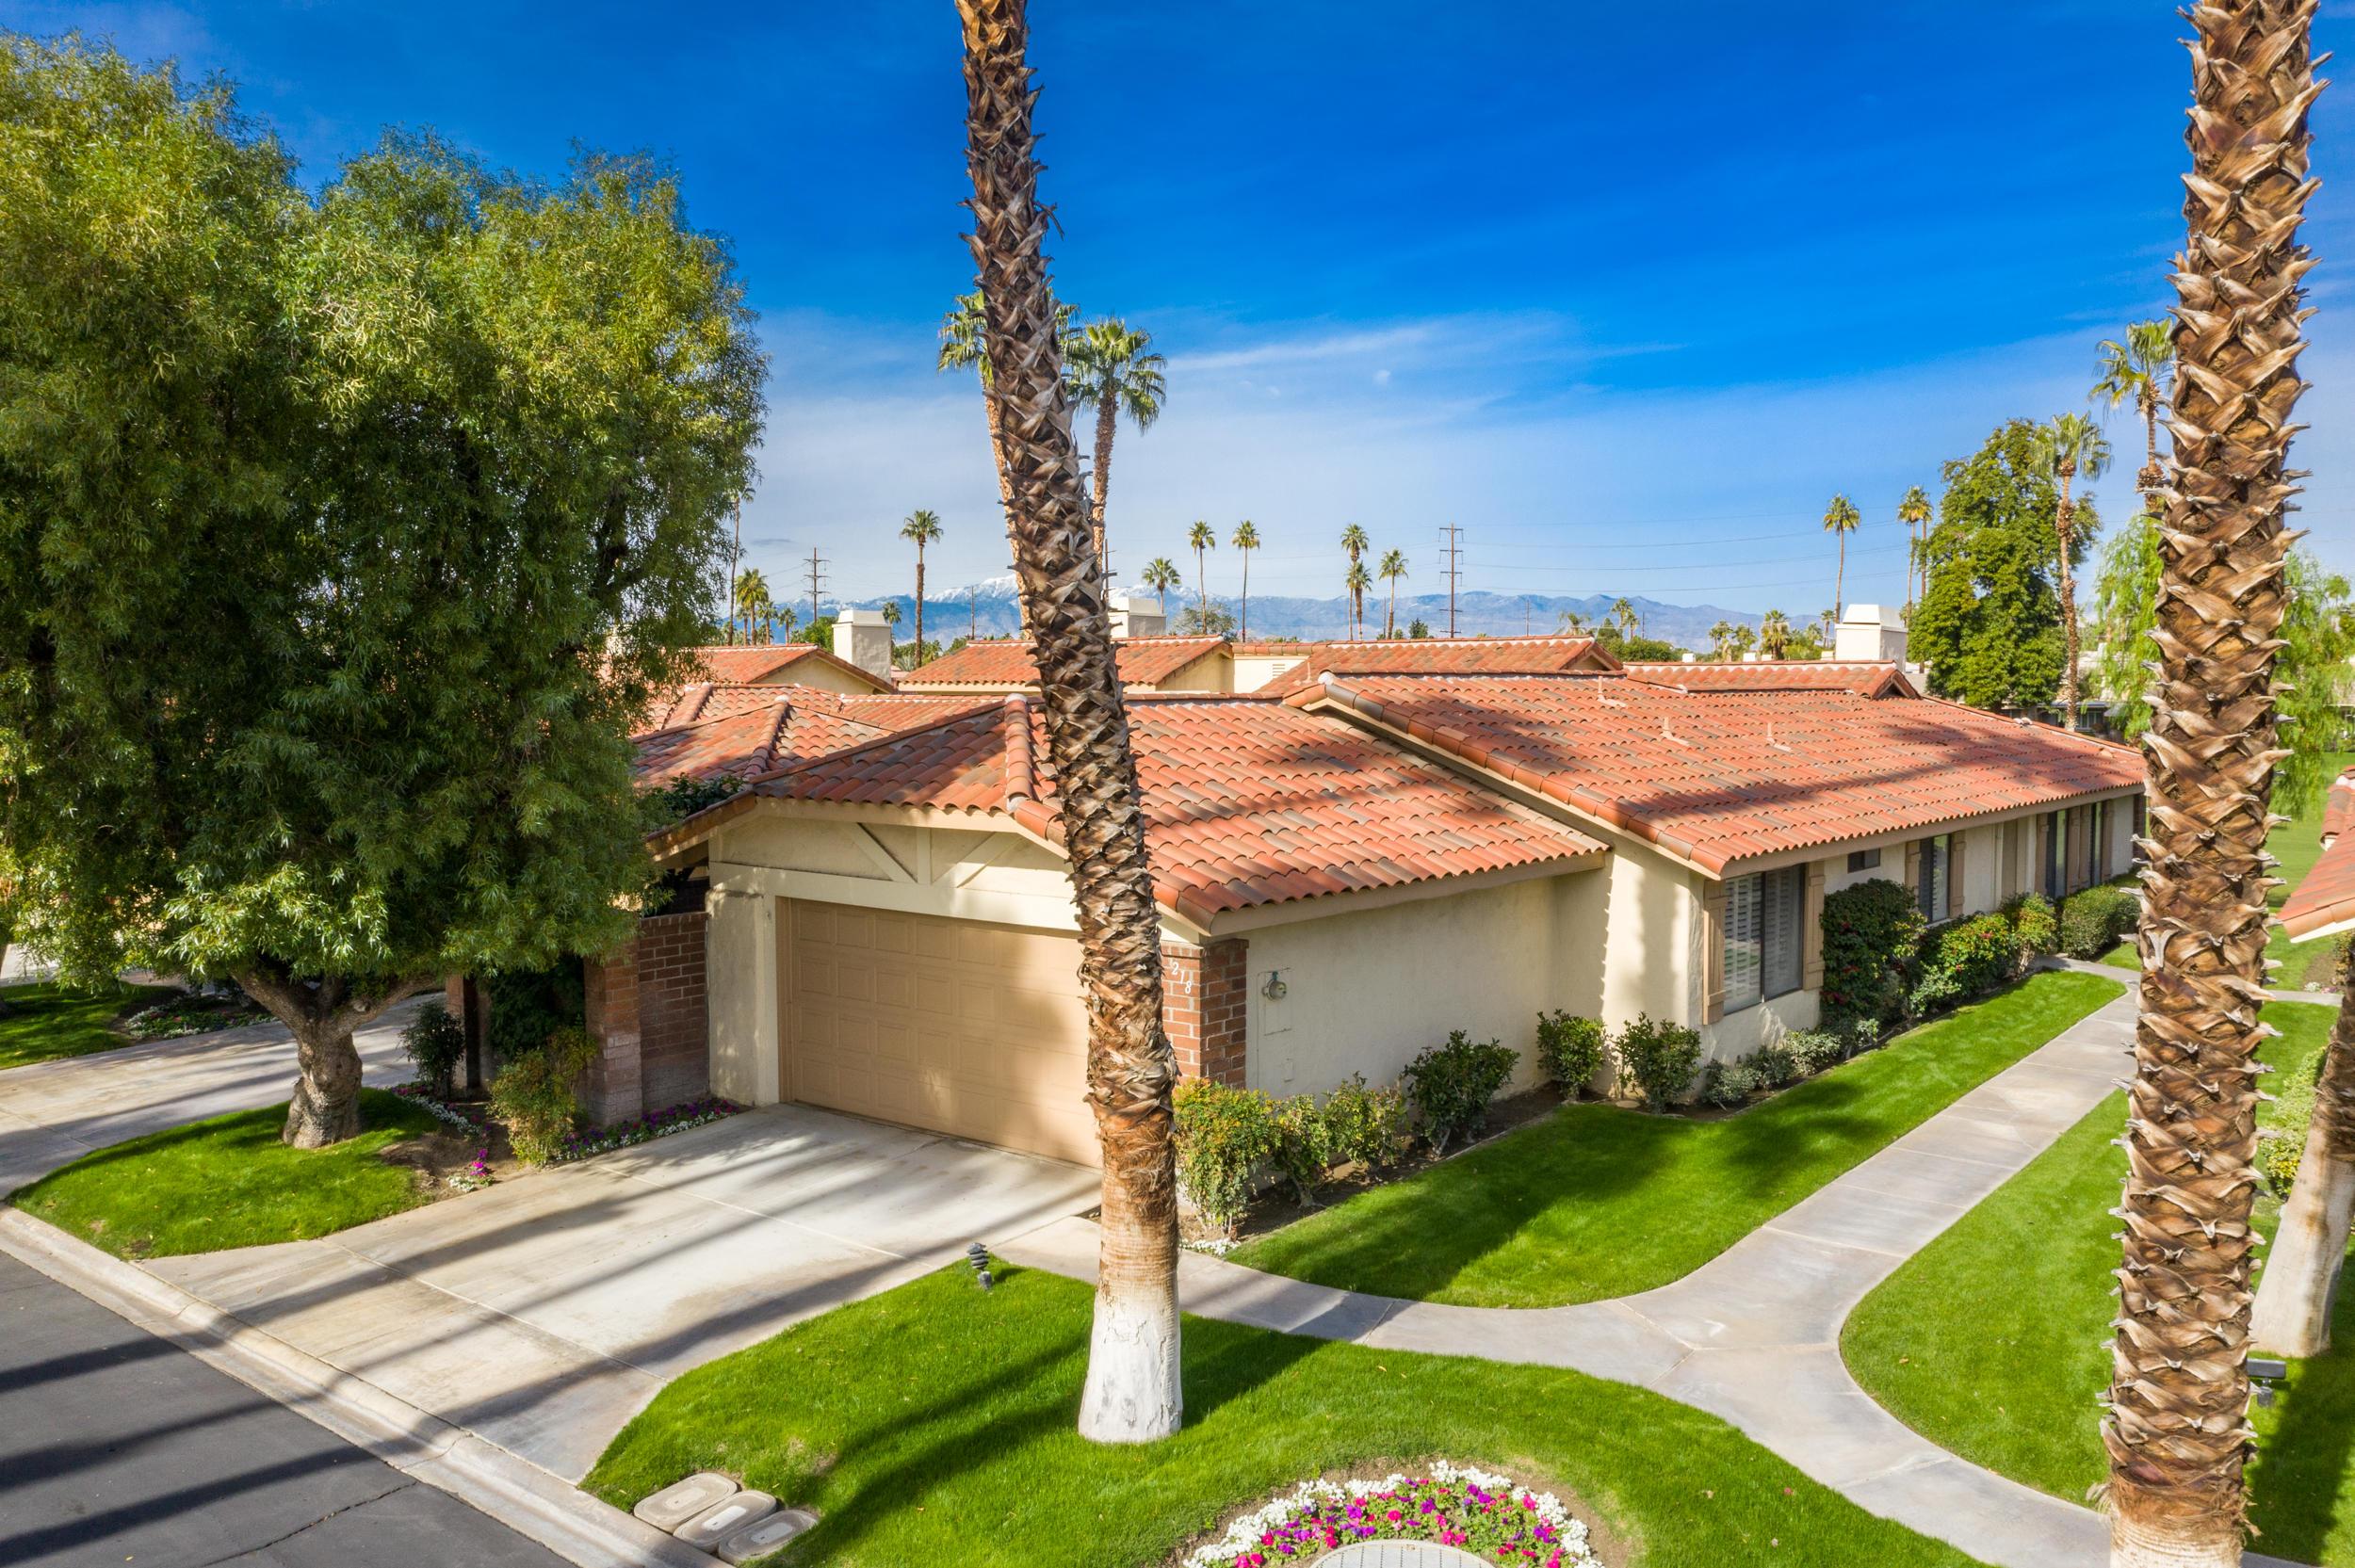 218 La Paz Way, Palm Desert, California 92260, 3 Bedrooms Bedrooms, ,2 BathroomsBathrooms,Residential,For Sale,218 La Paz Way,219041567